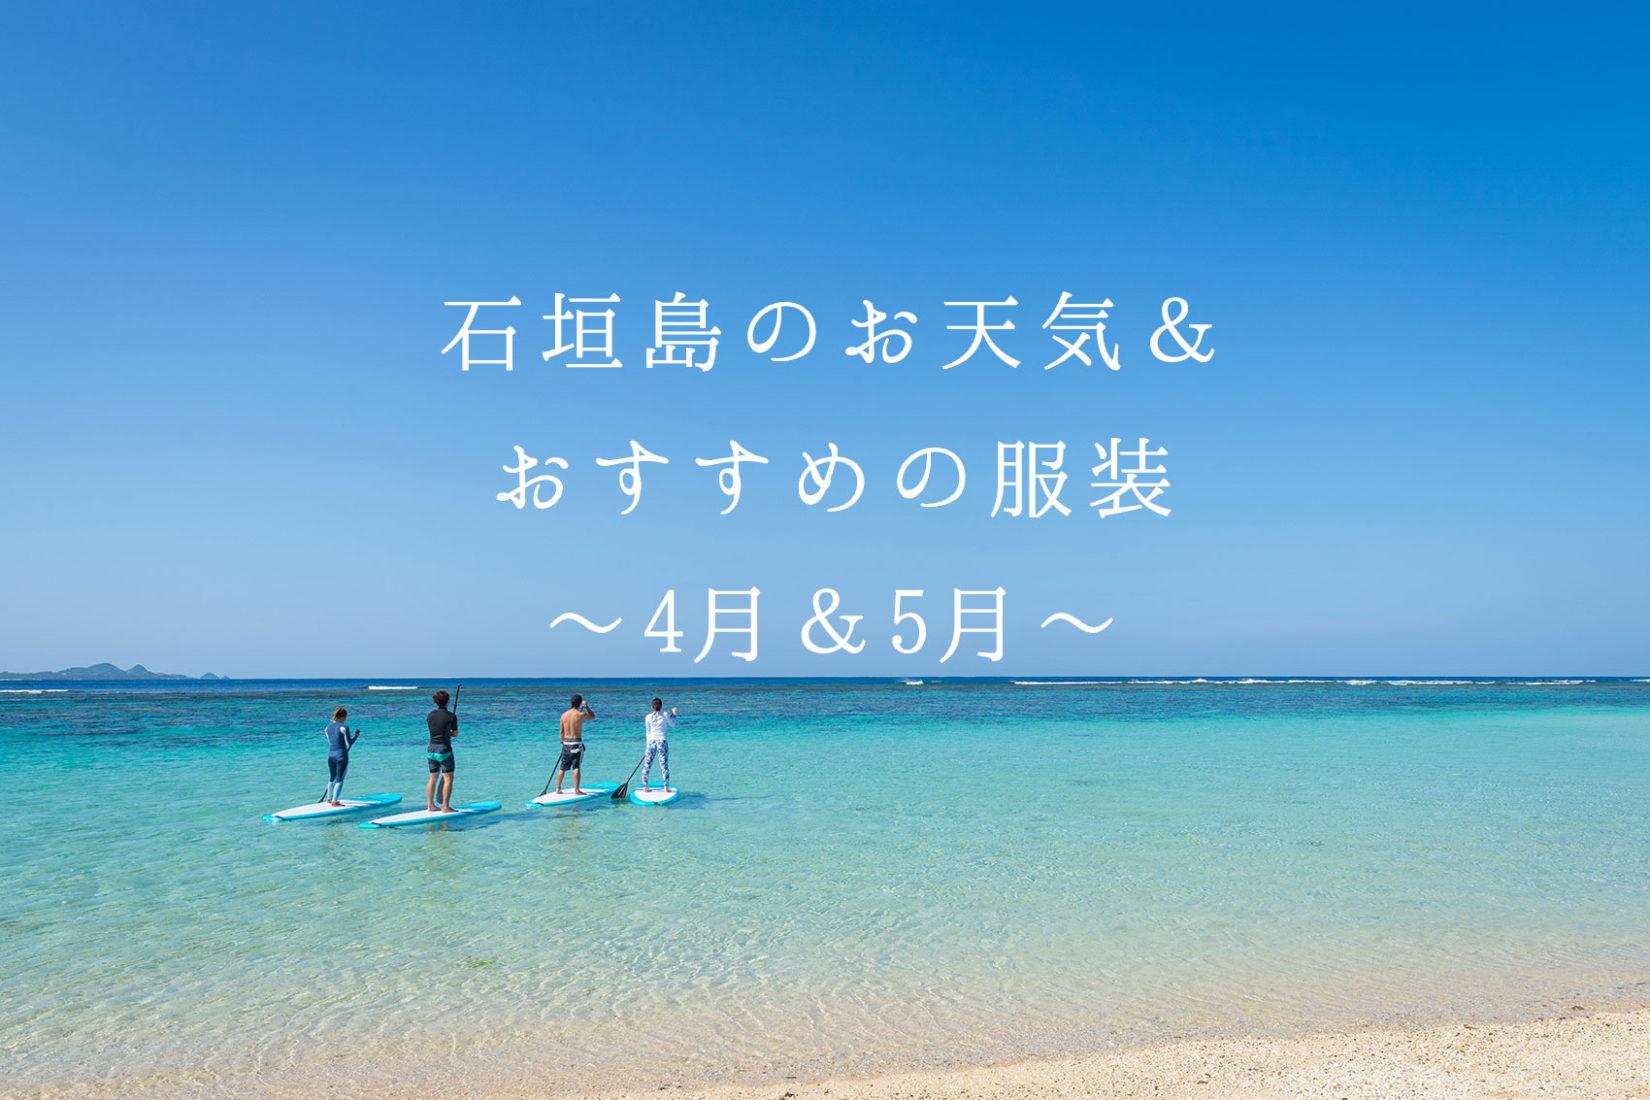 石垣島の天気&おすすめの服装【4月&5月】